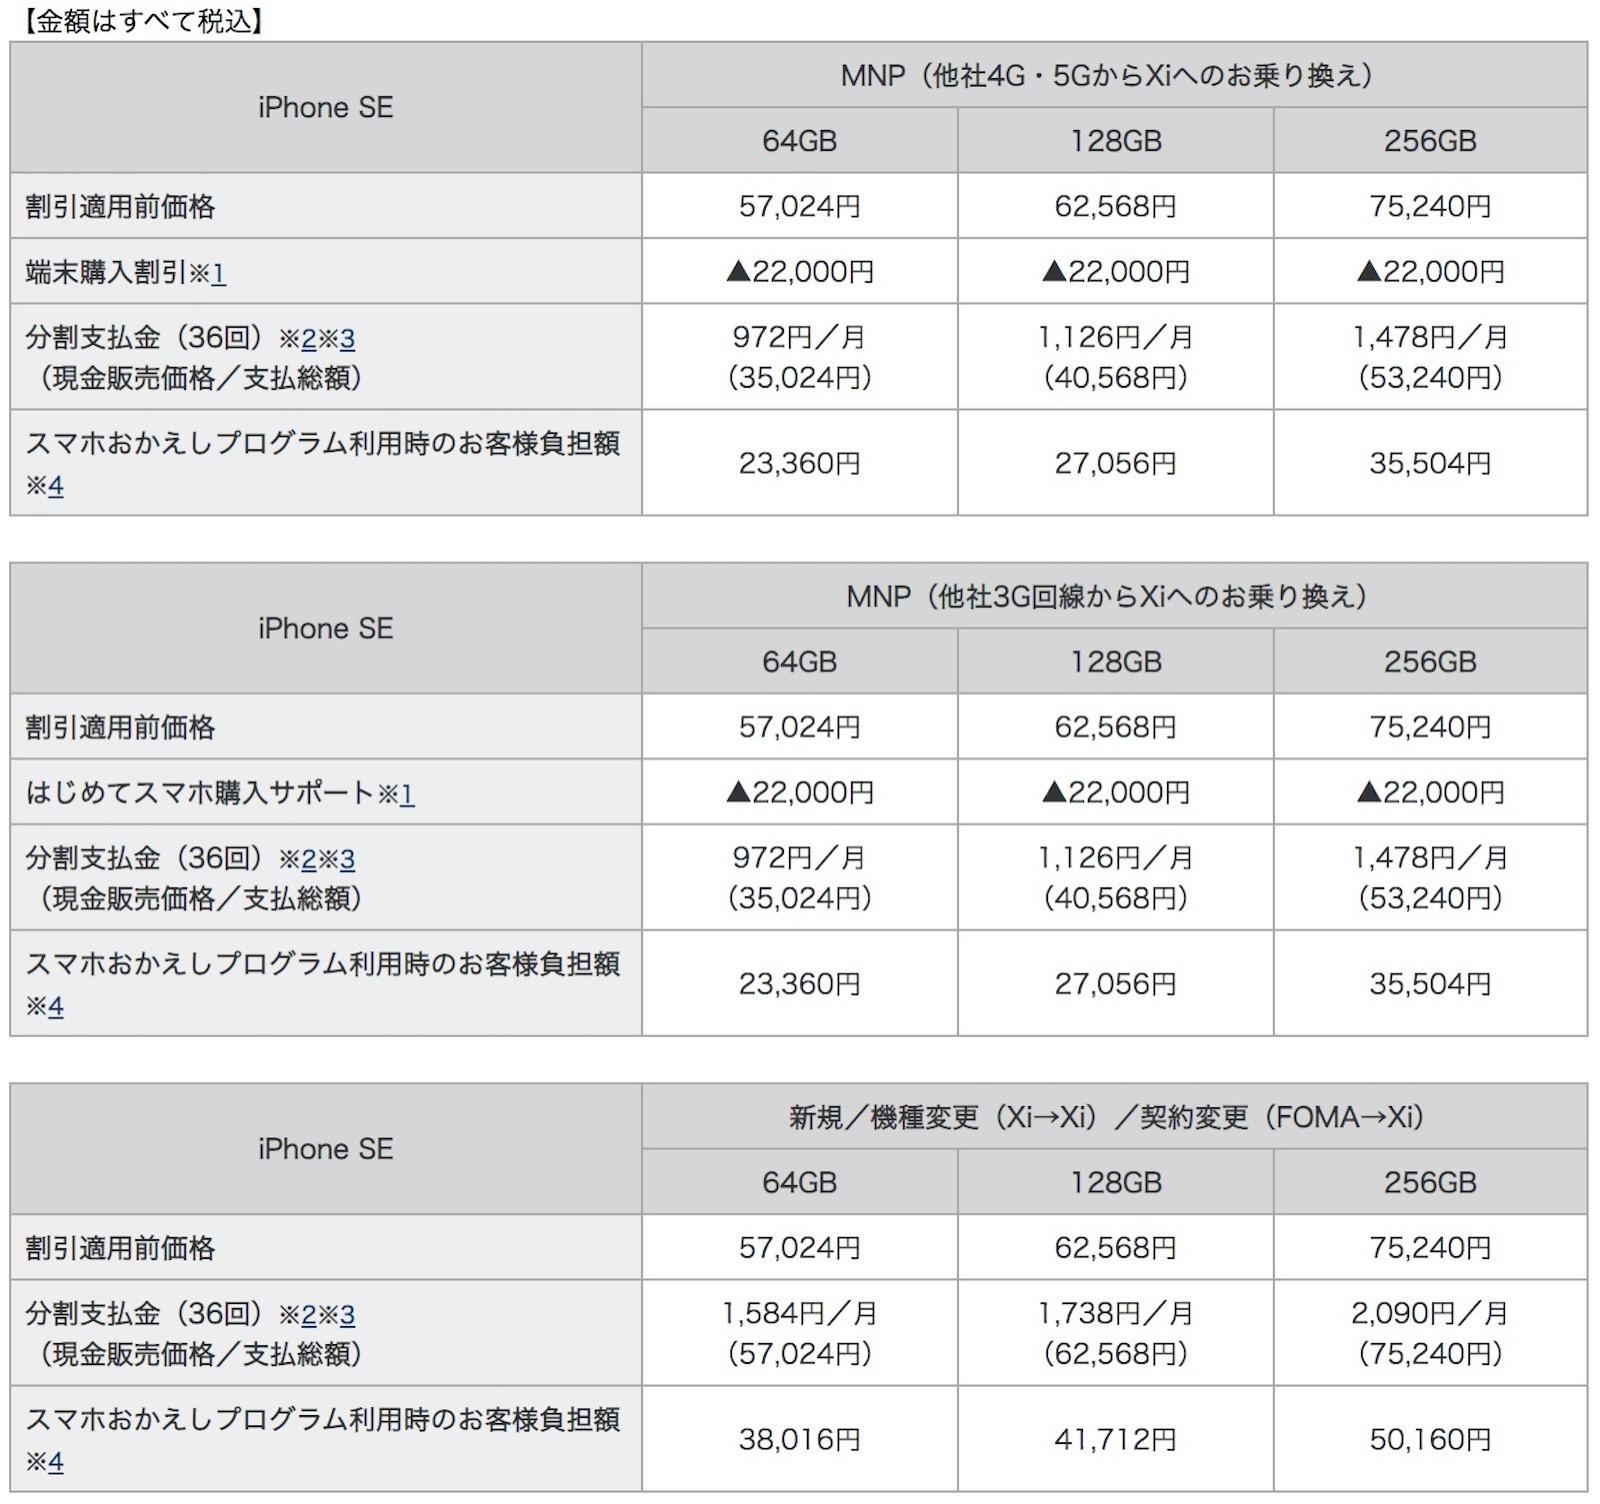 Docomo iphonese 2nd gen pricing